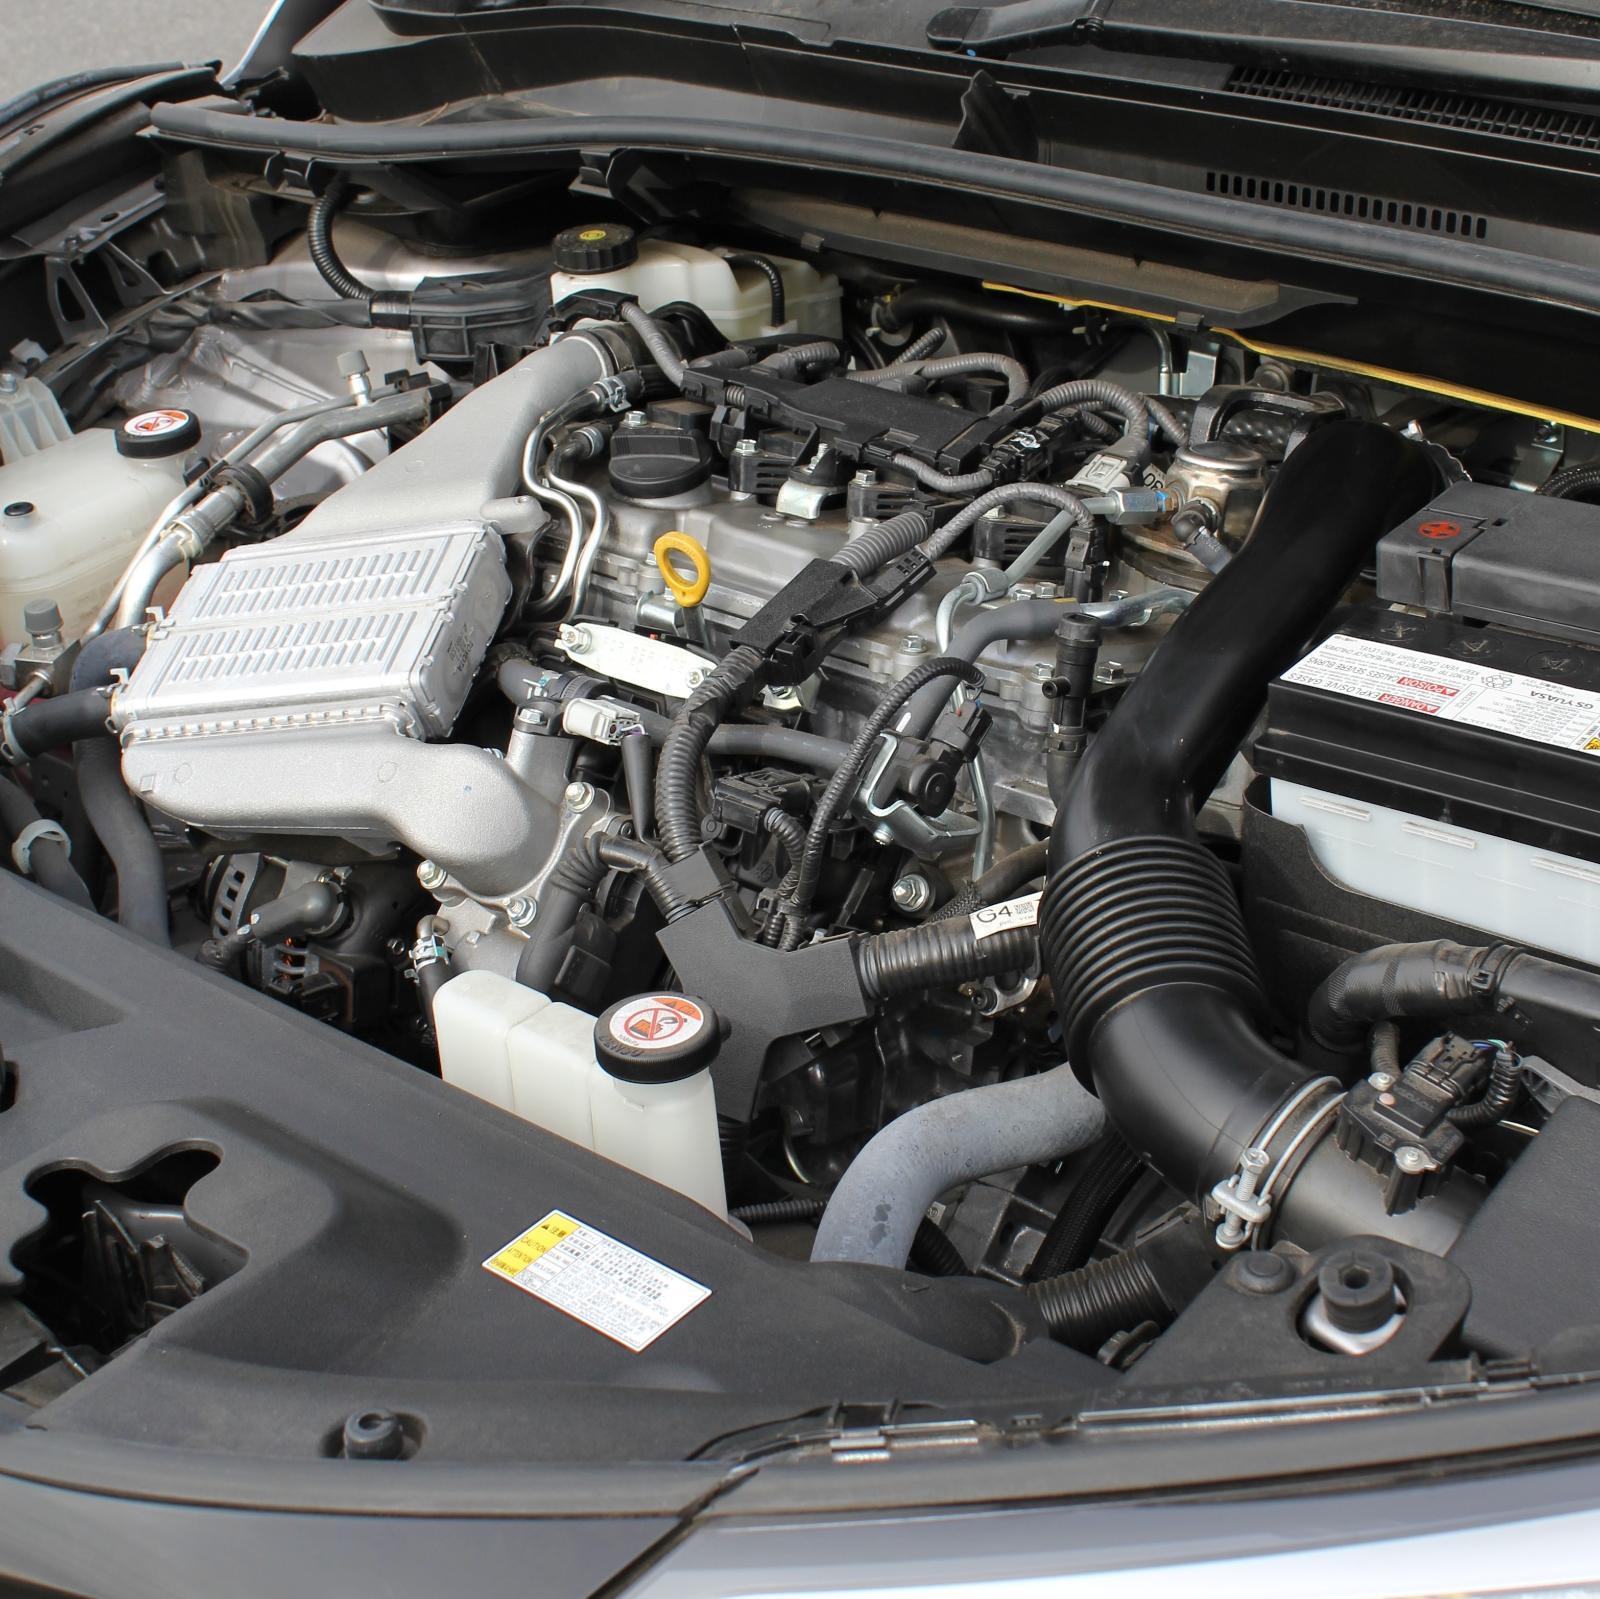 TOYOTA C-HR, Engine, PETROL, 1.2, 8NR-FTS, TURBO, NGX10R/NGX50R, 12/16-